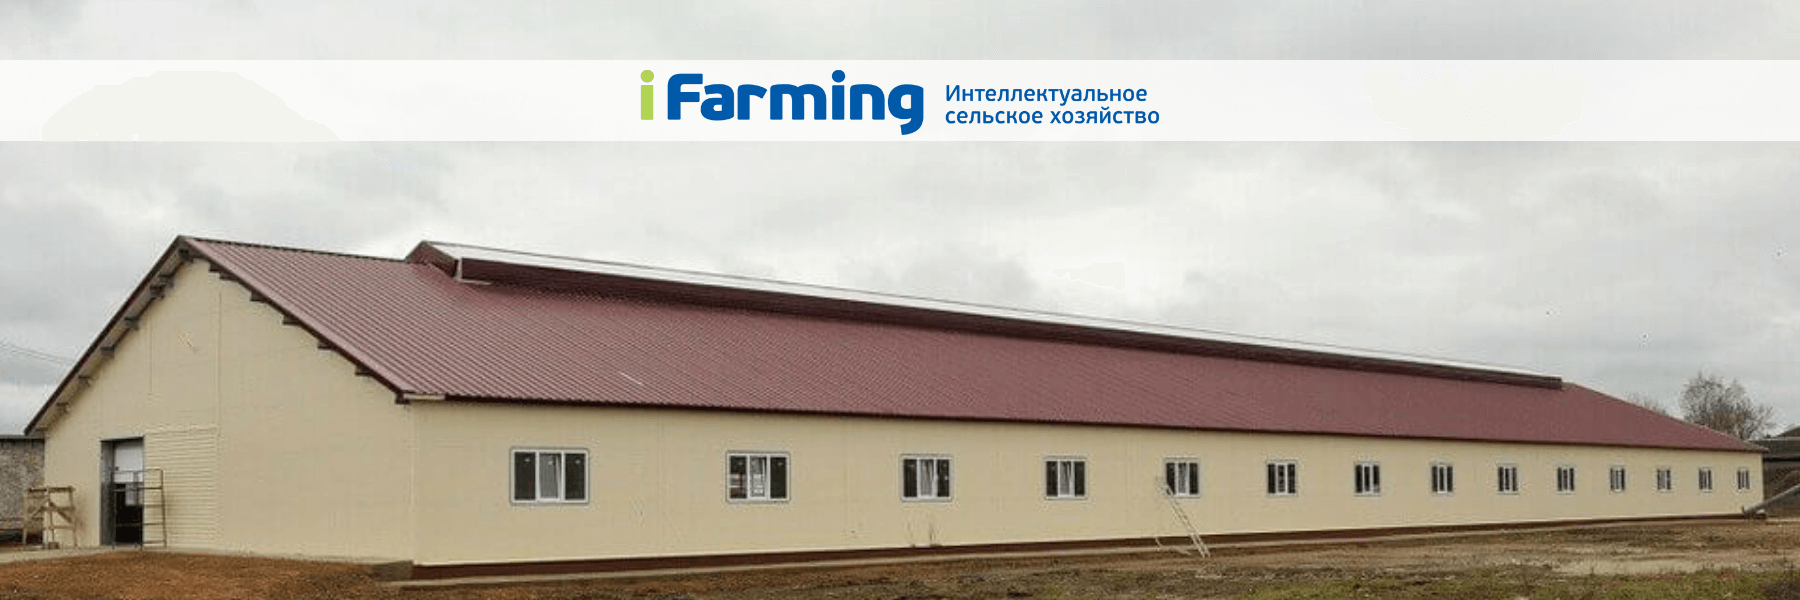 Грант на развитие семейной фермы